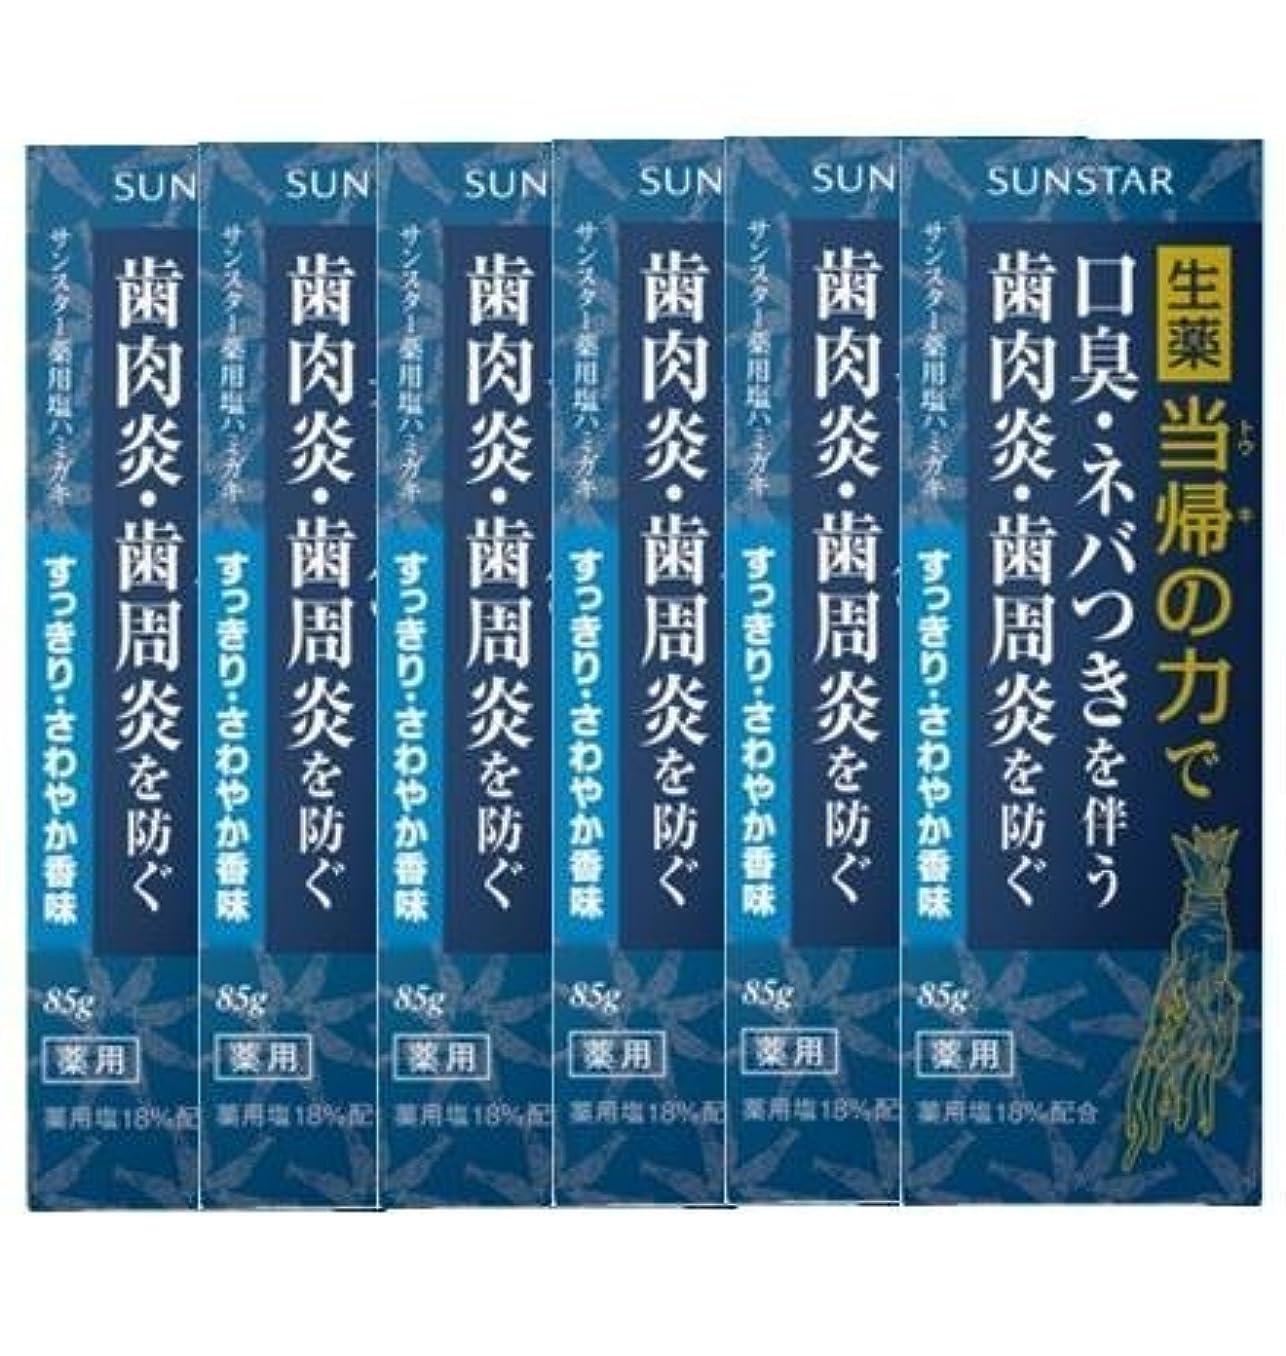 クレデンシャルモール賢明な薬用ハミガキ 生薬 当帰の力 さわやか香味85g×6個セット